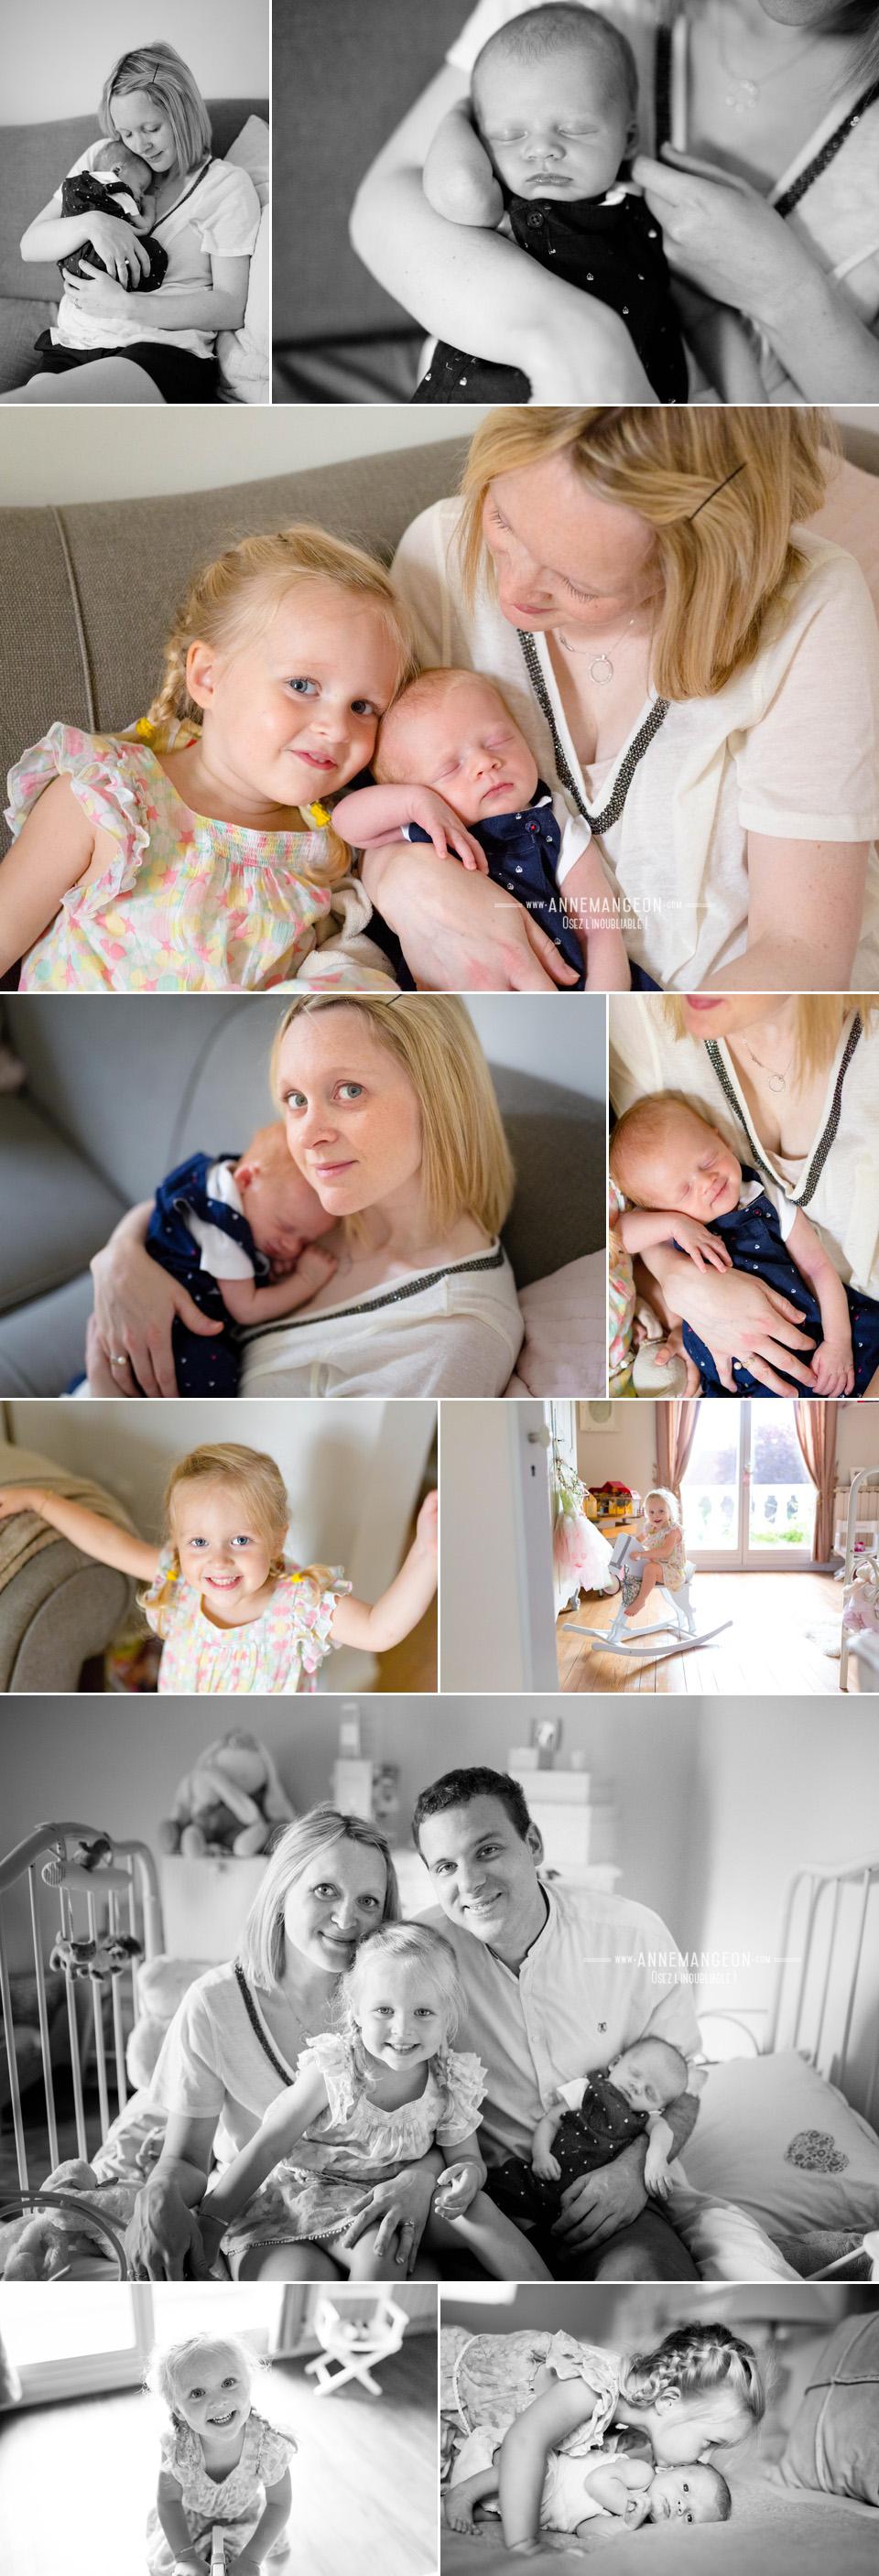 Séance photo bébé famille à Metz @ Anne Mangeon Photographe_01